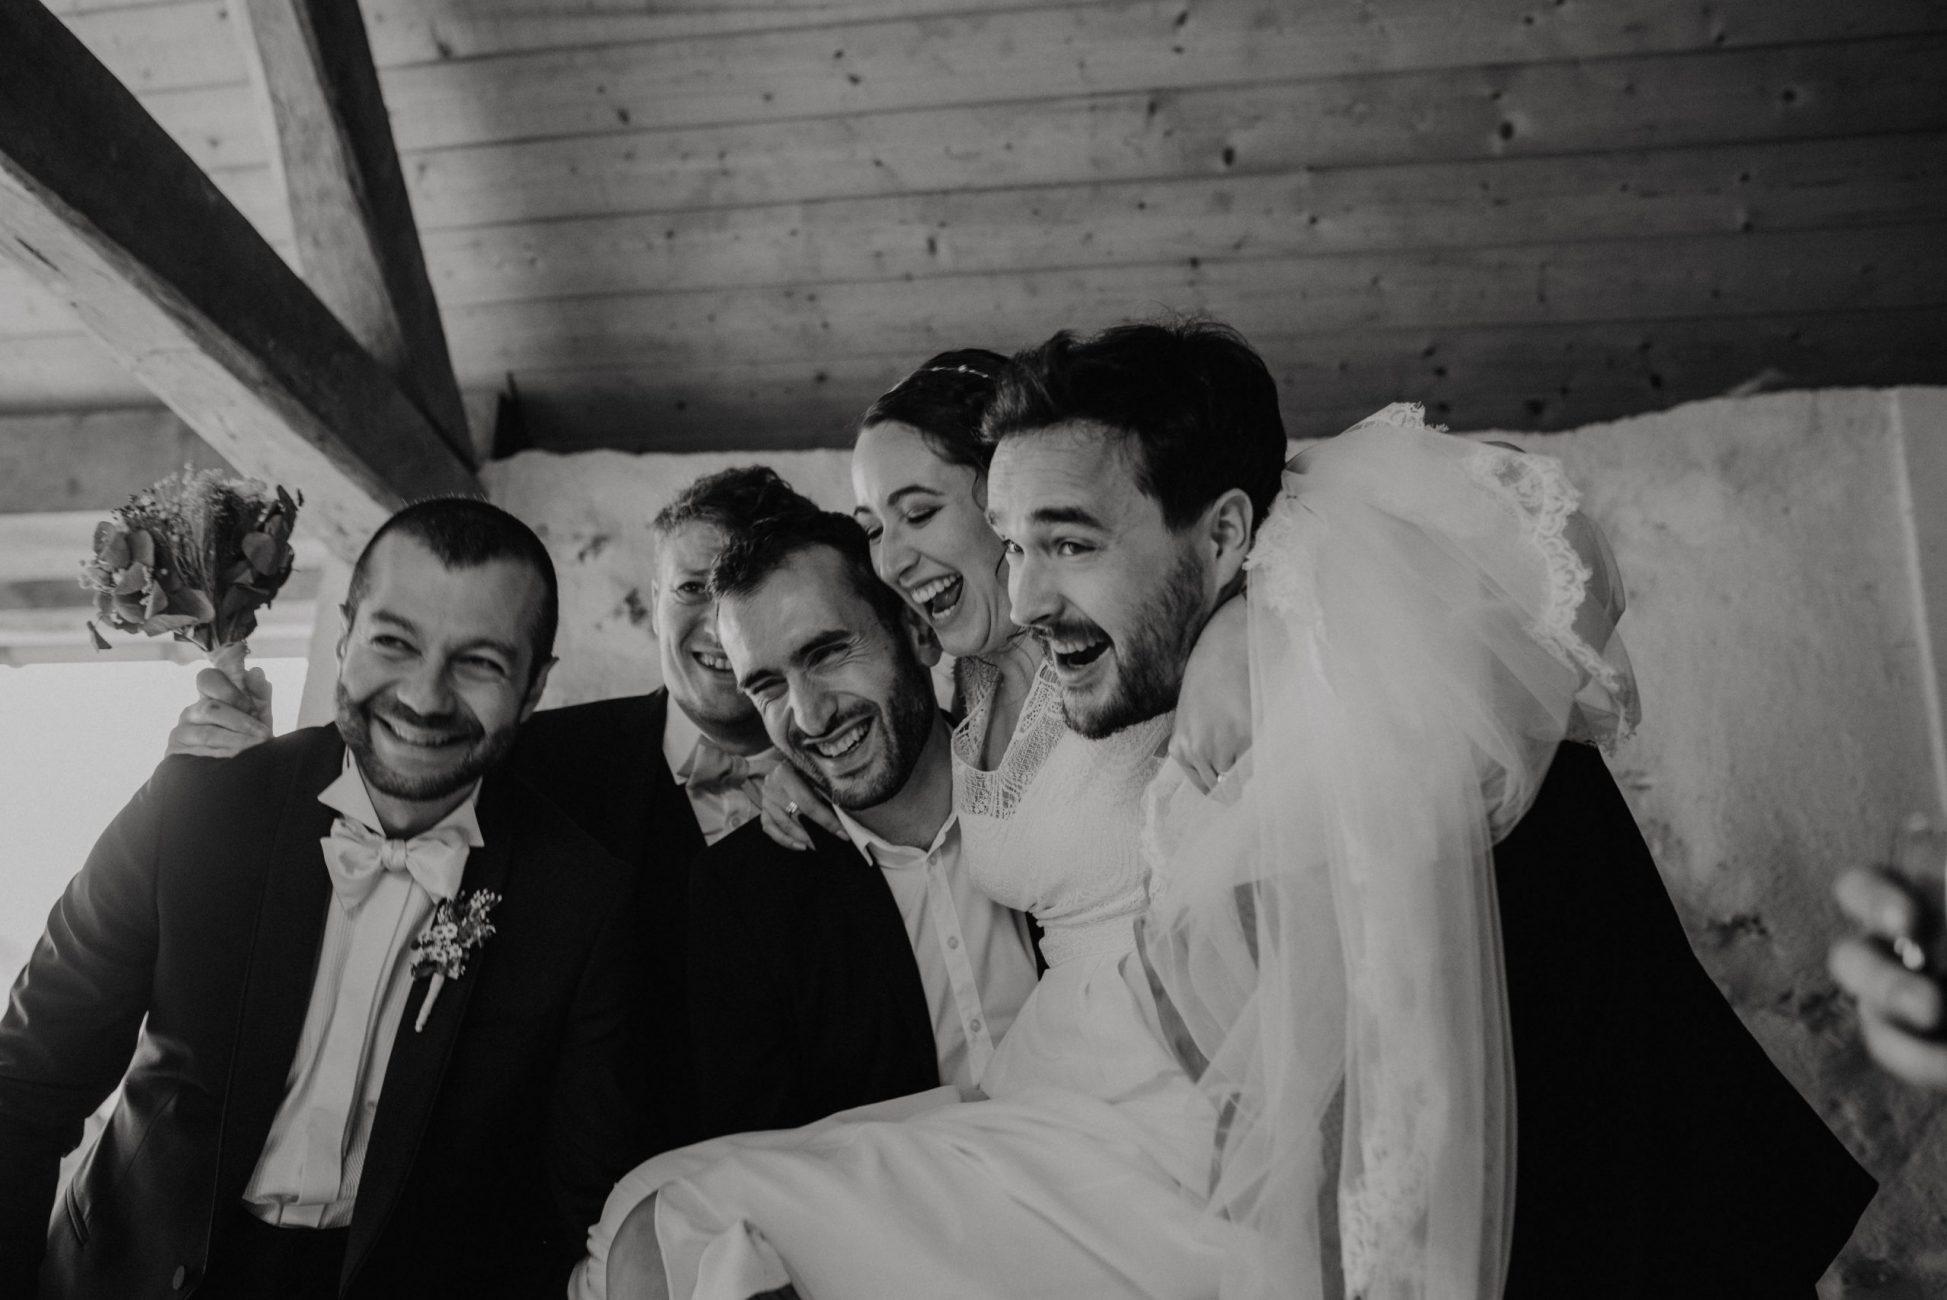 reportage photo mariage paris - photo mariage noir et blanc - preparatifs cocktail - andy festival - leslie photographie